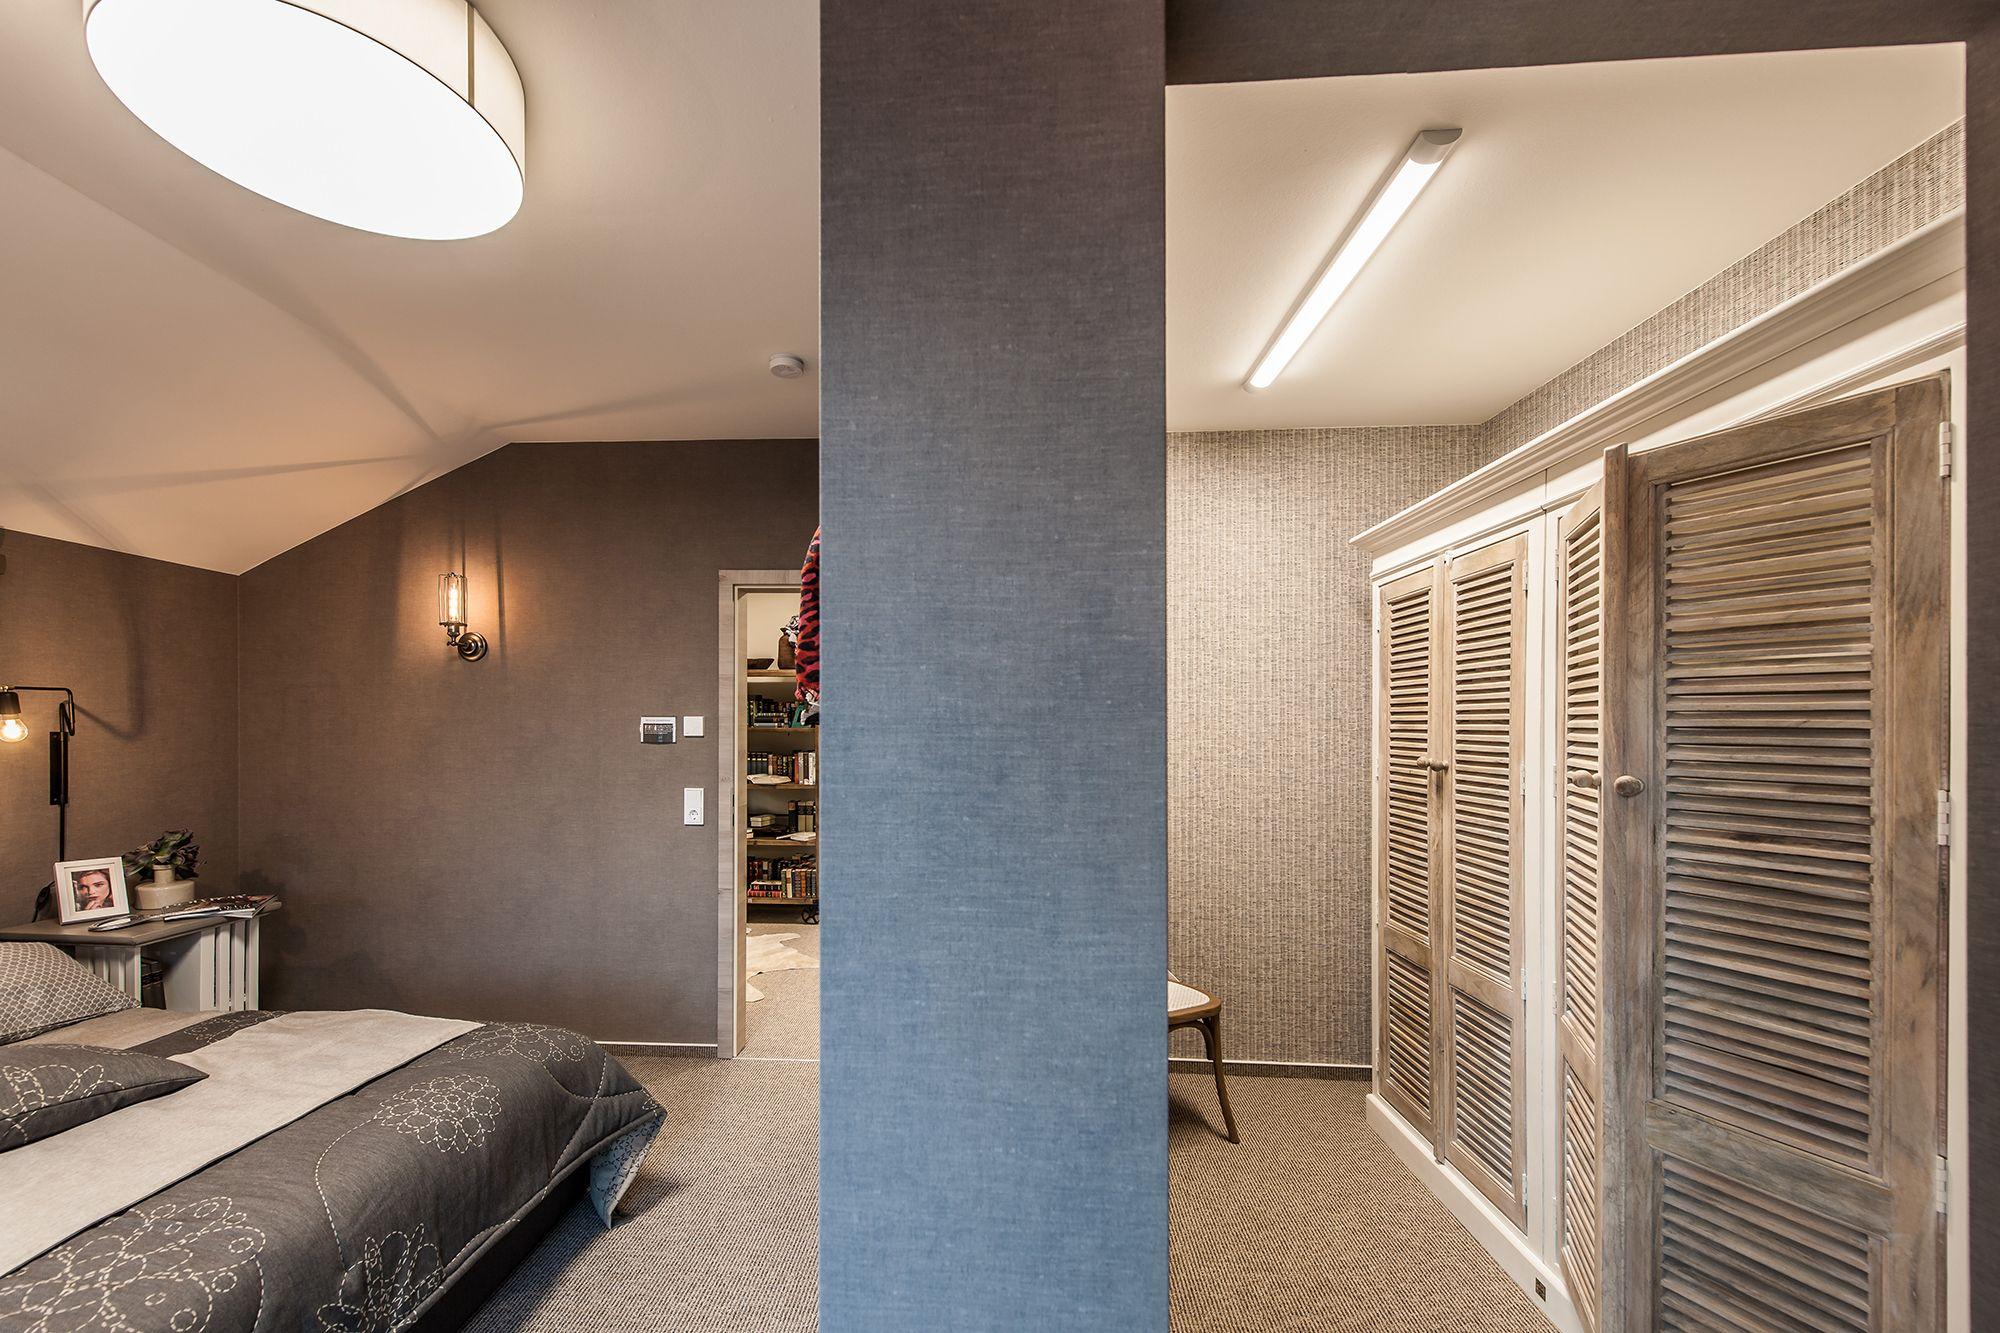 Wohnideen Großzügiges Schlafzimmer Mit Begehbarem Kleiderschrank - Schlafzimmer mit begehbarem kleiderschrank